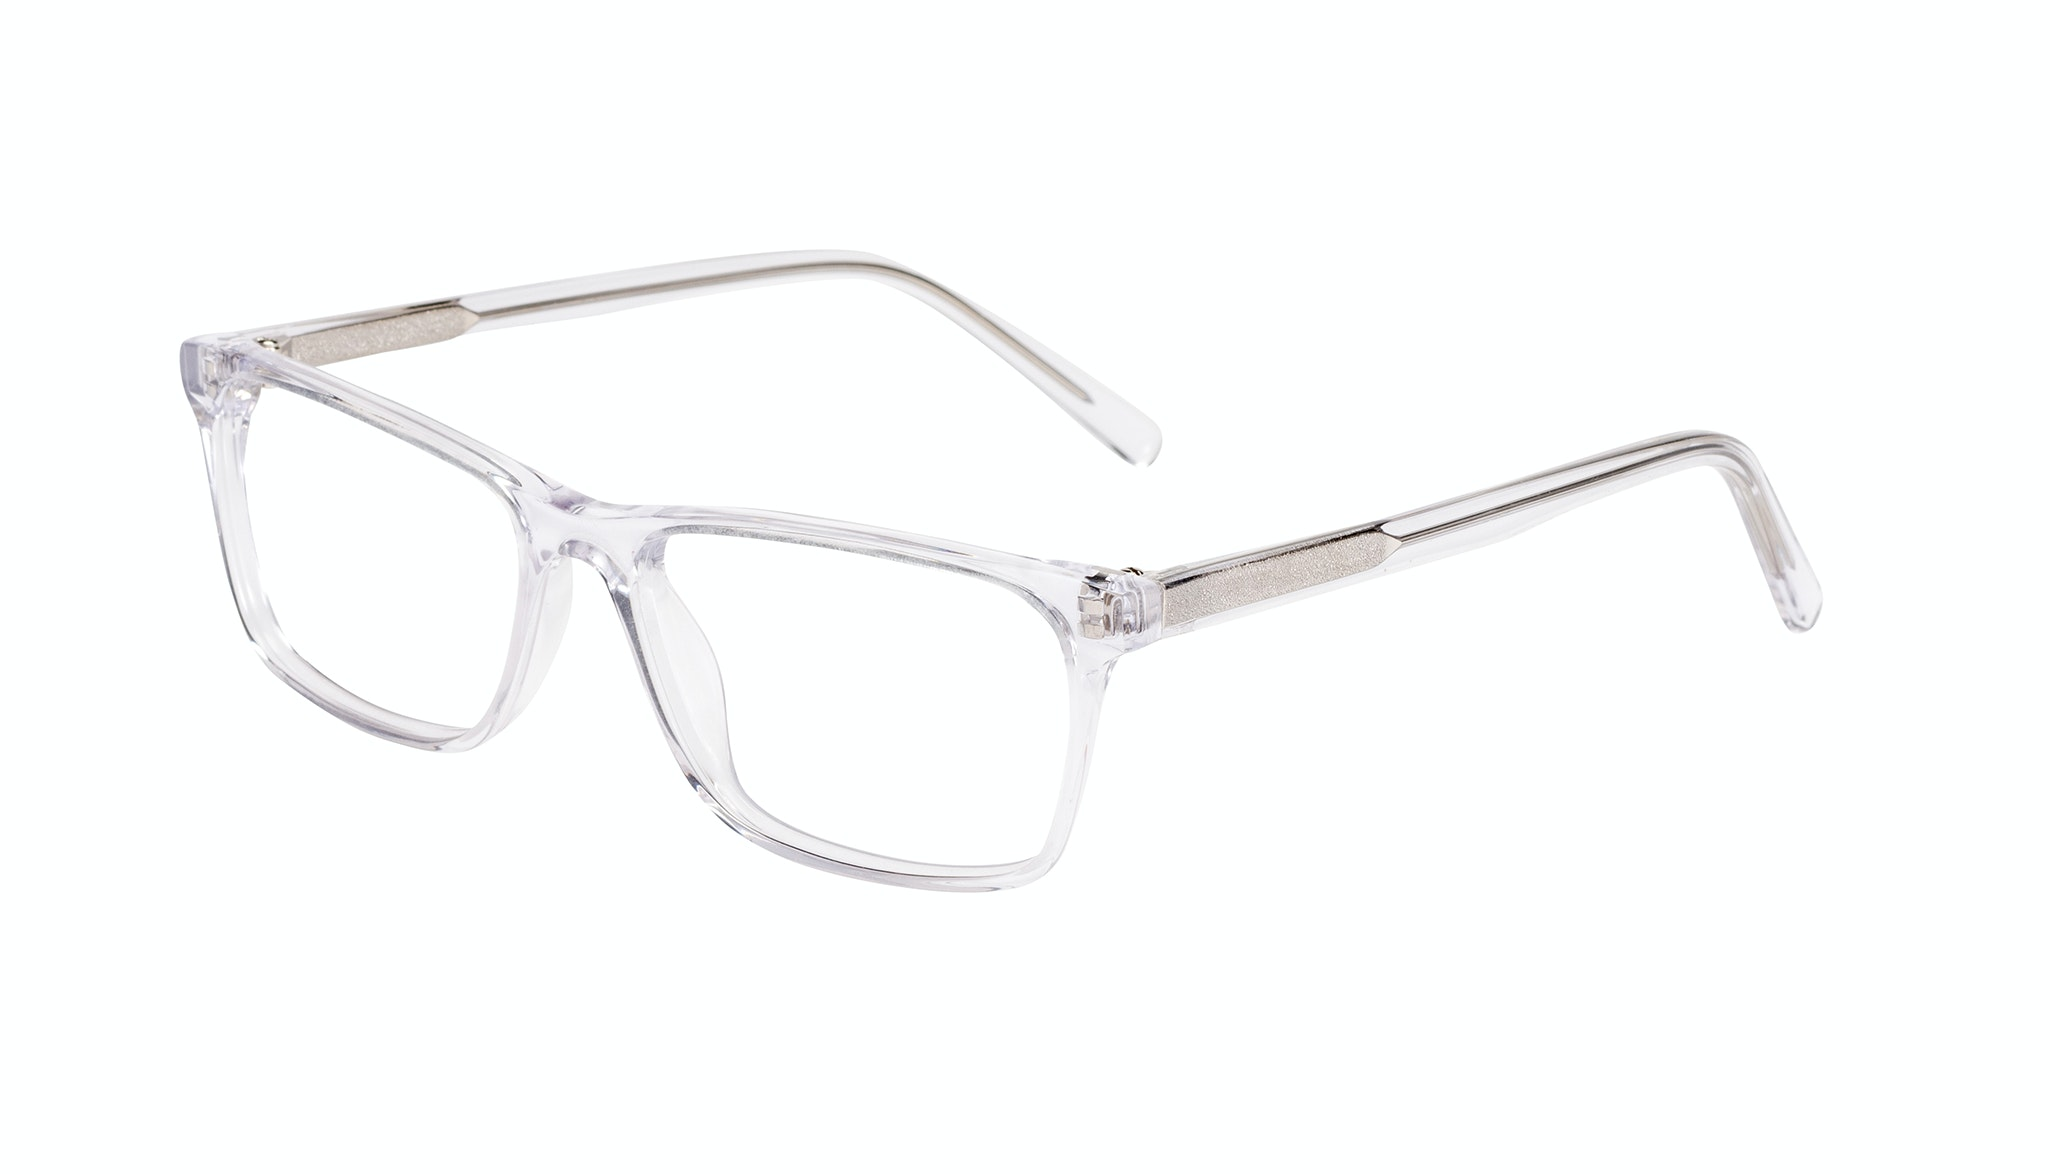 Affordable Fashion Glasses Rectangle Eyeglasses Men Henri Clear Tilt